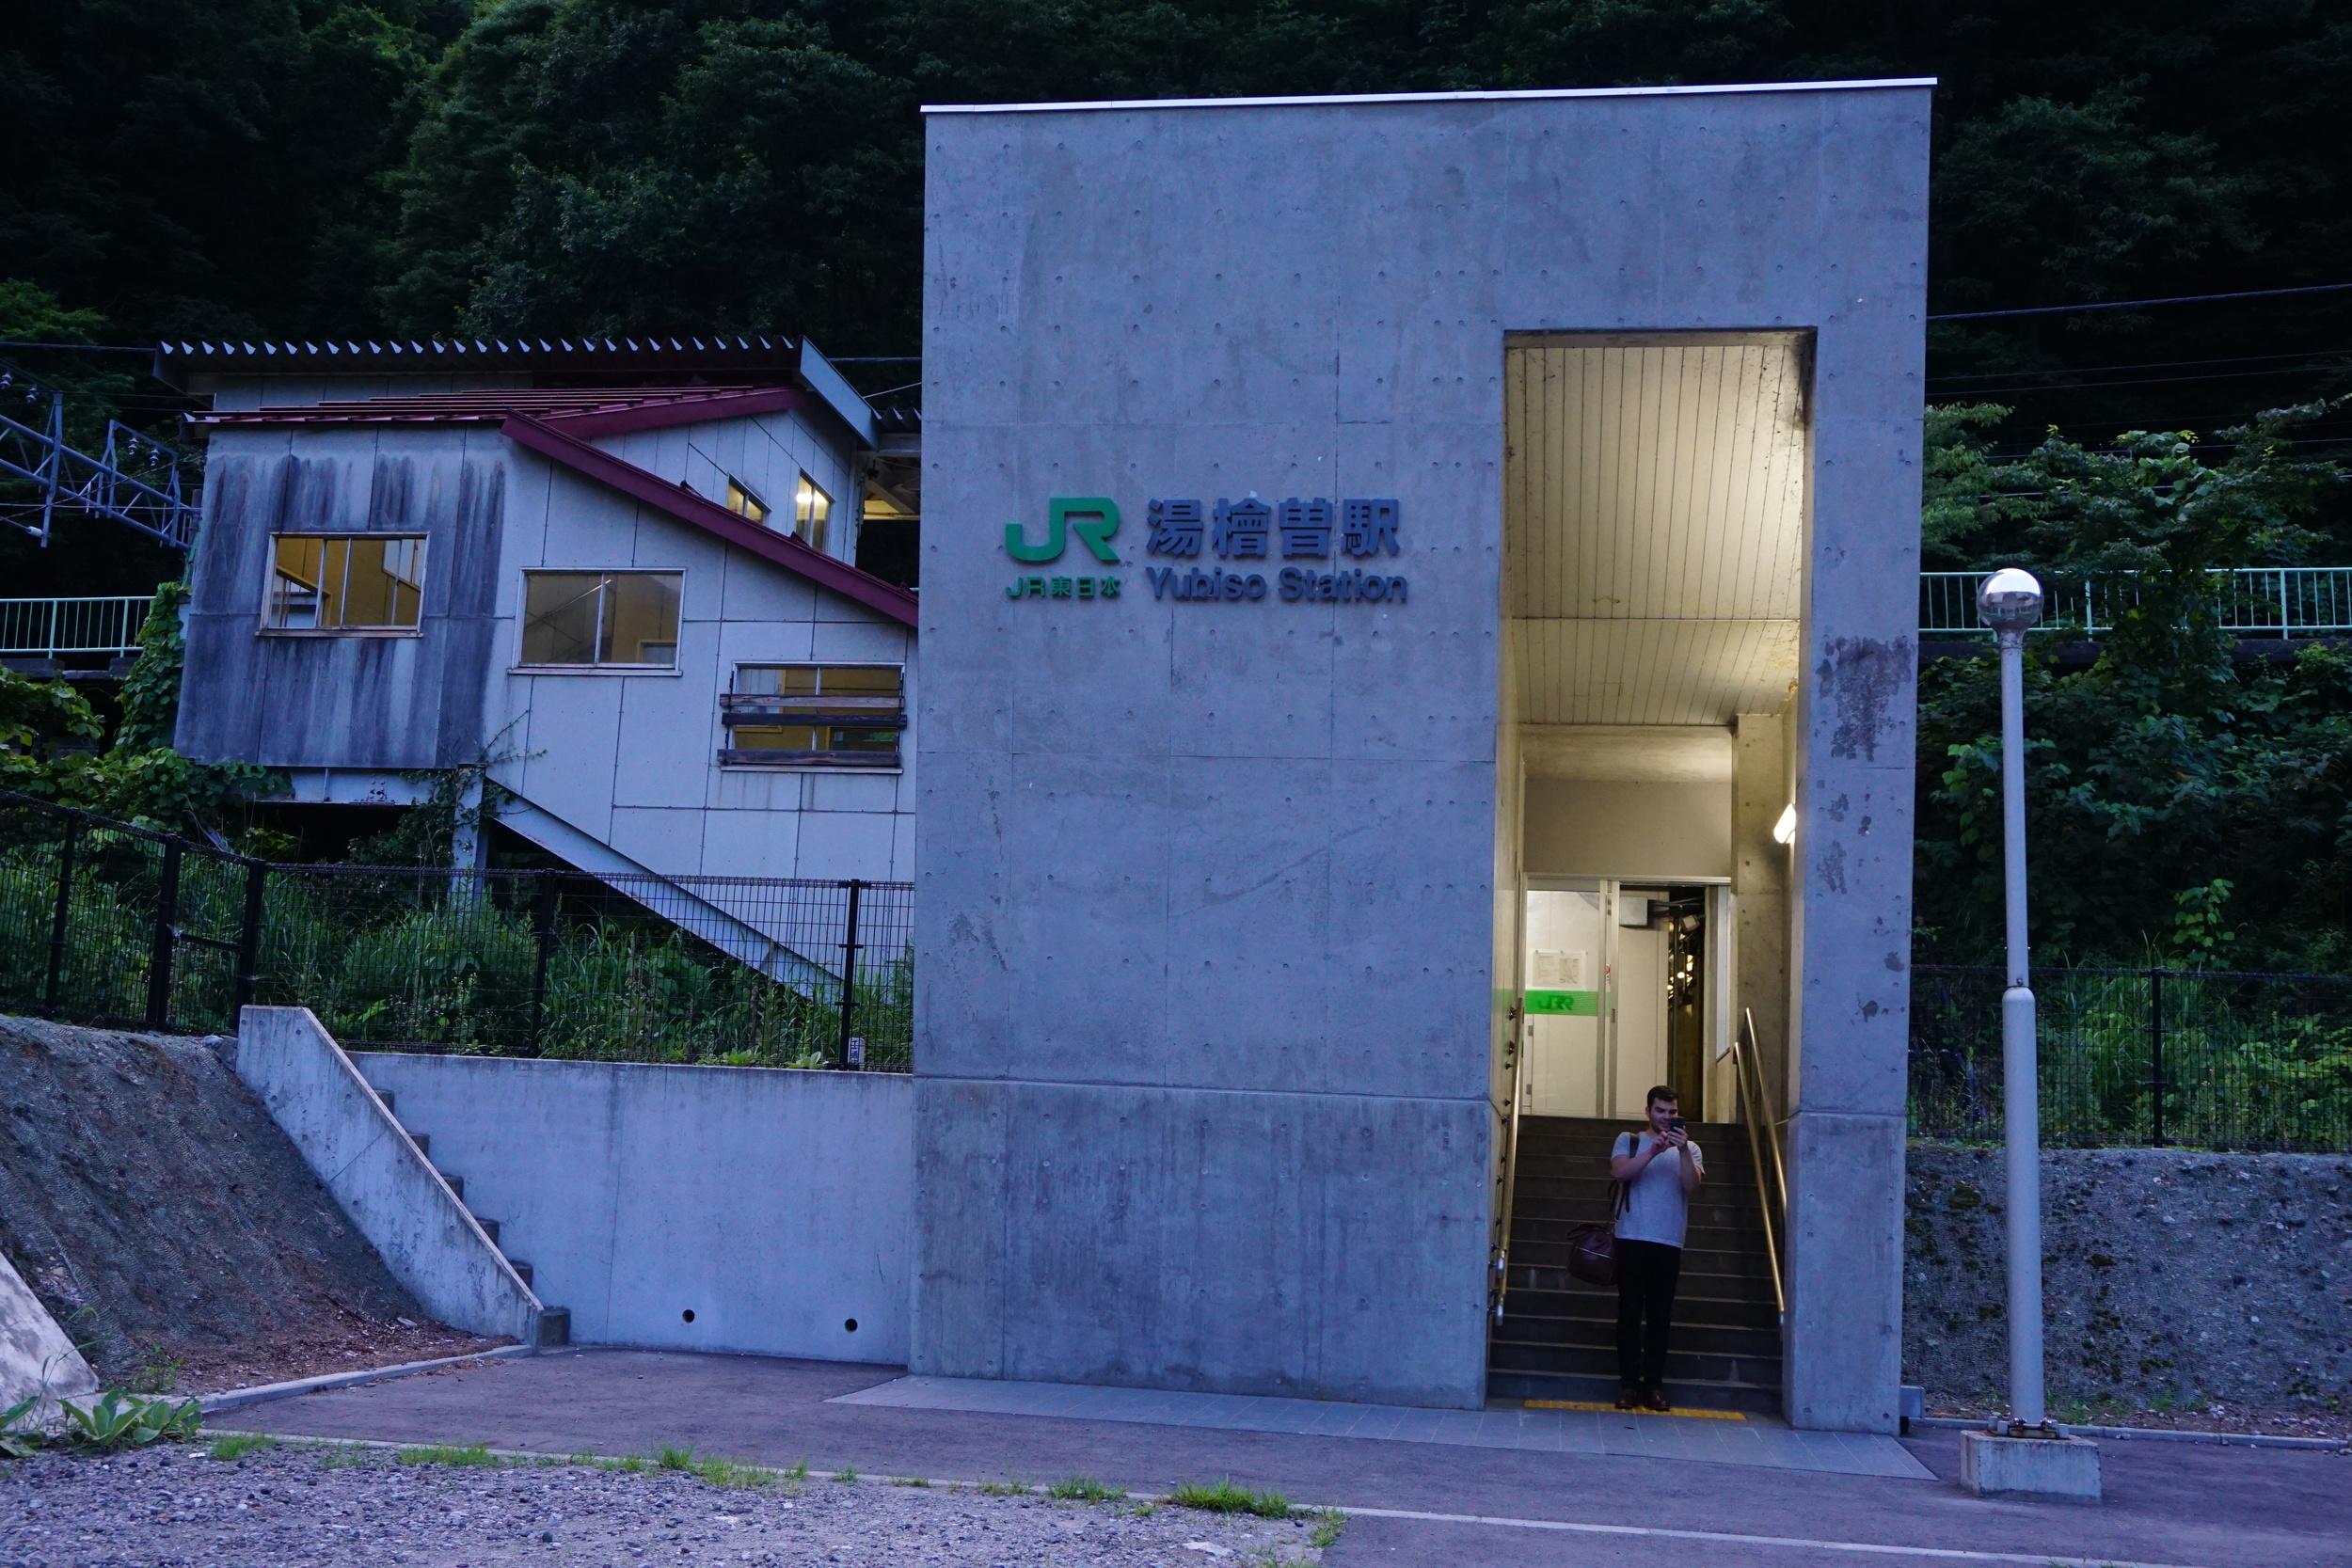 yubiso_station